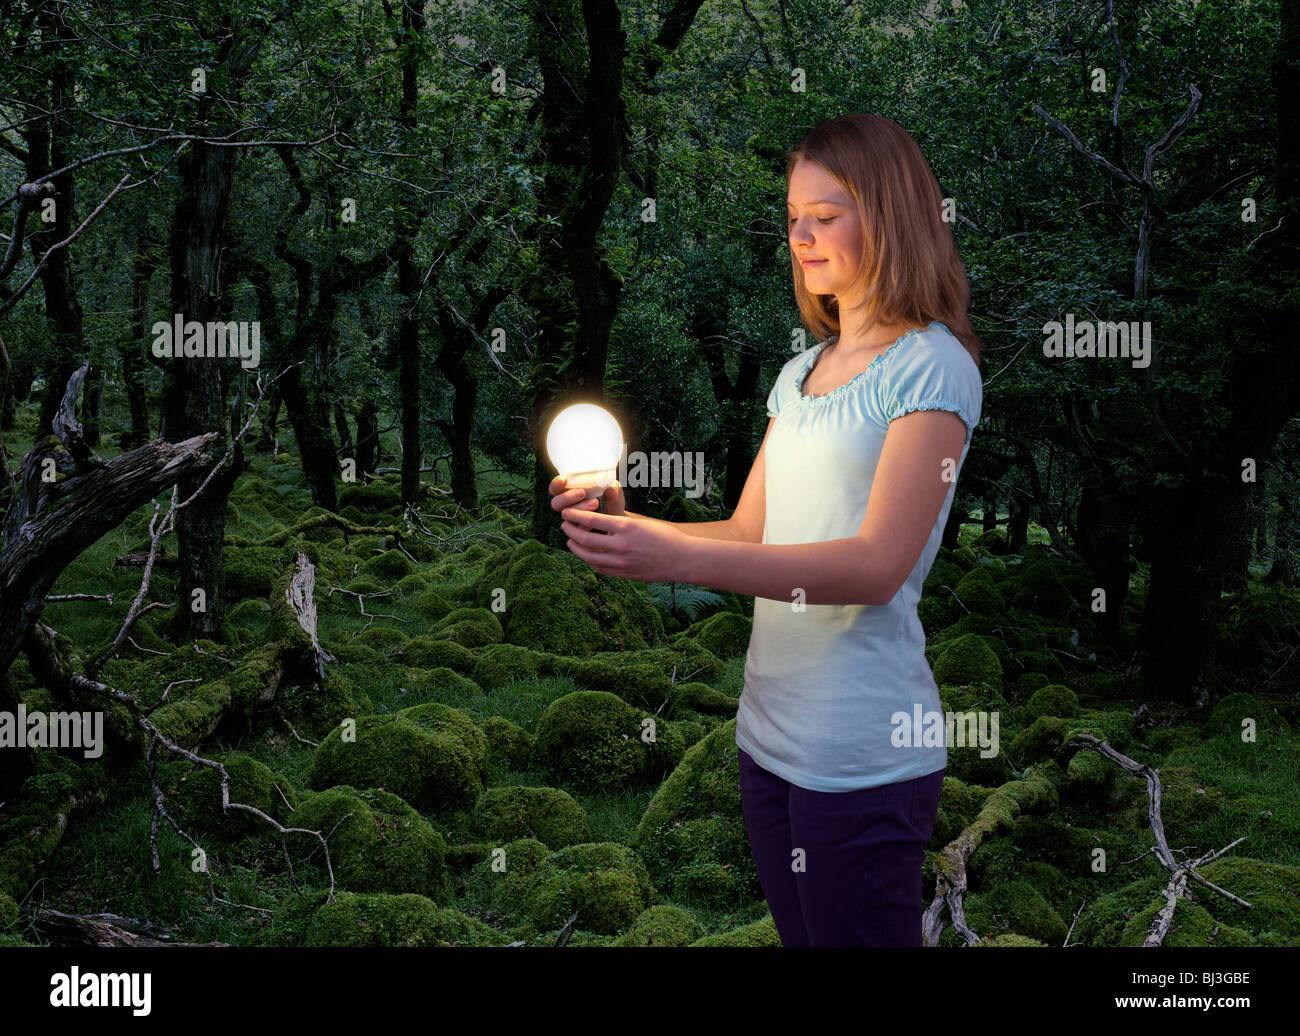 Chica con bombilla de ahorro de energía Imagen De Stock